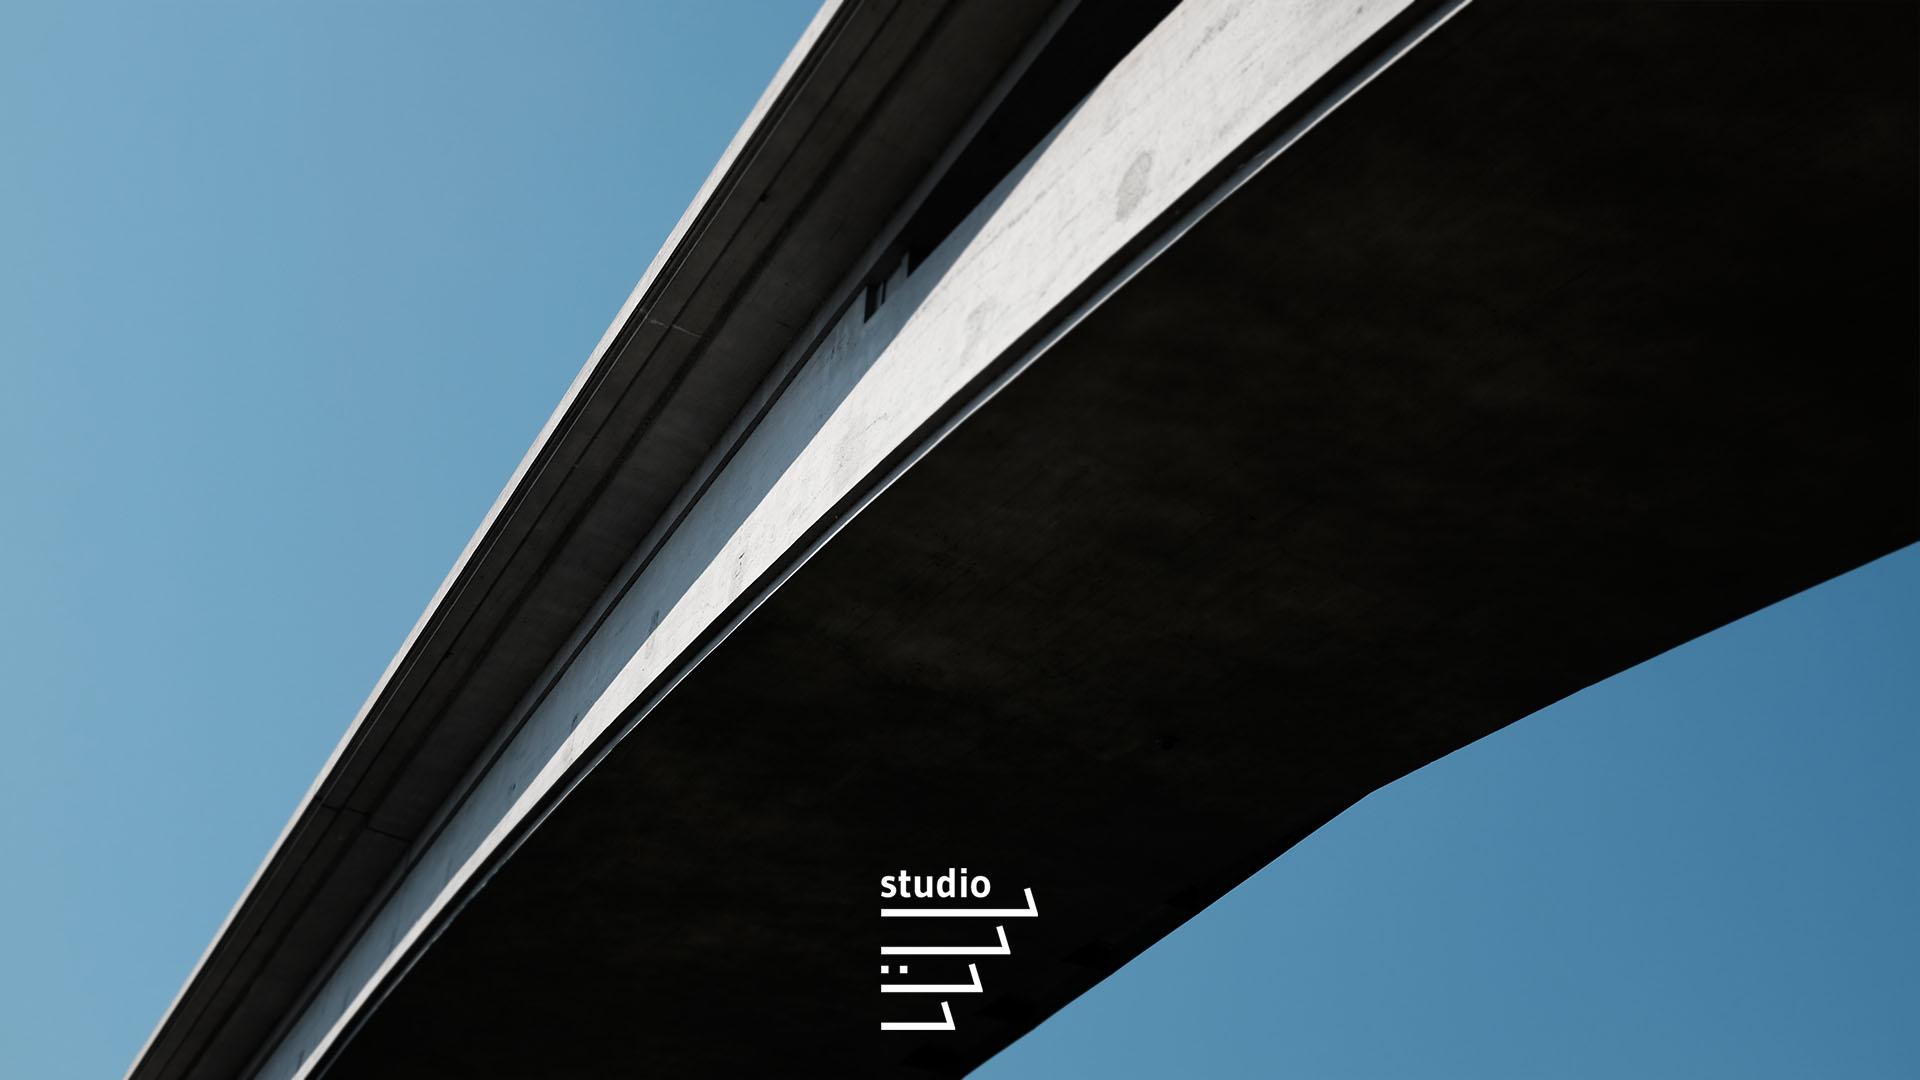 studio 11:11